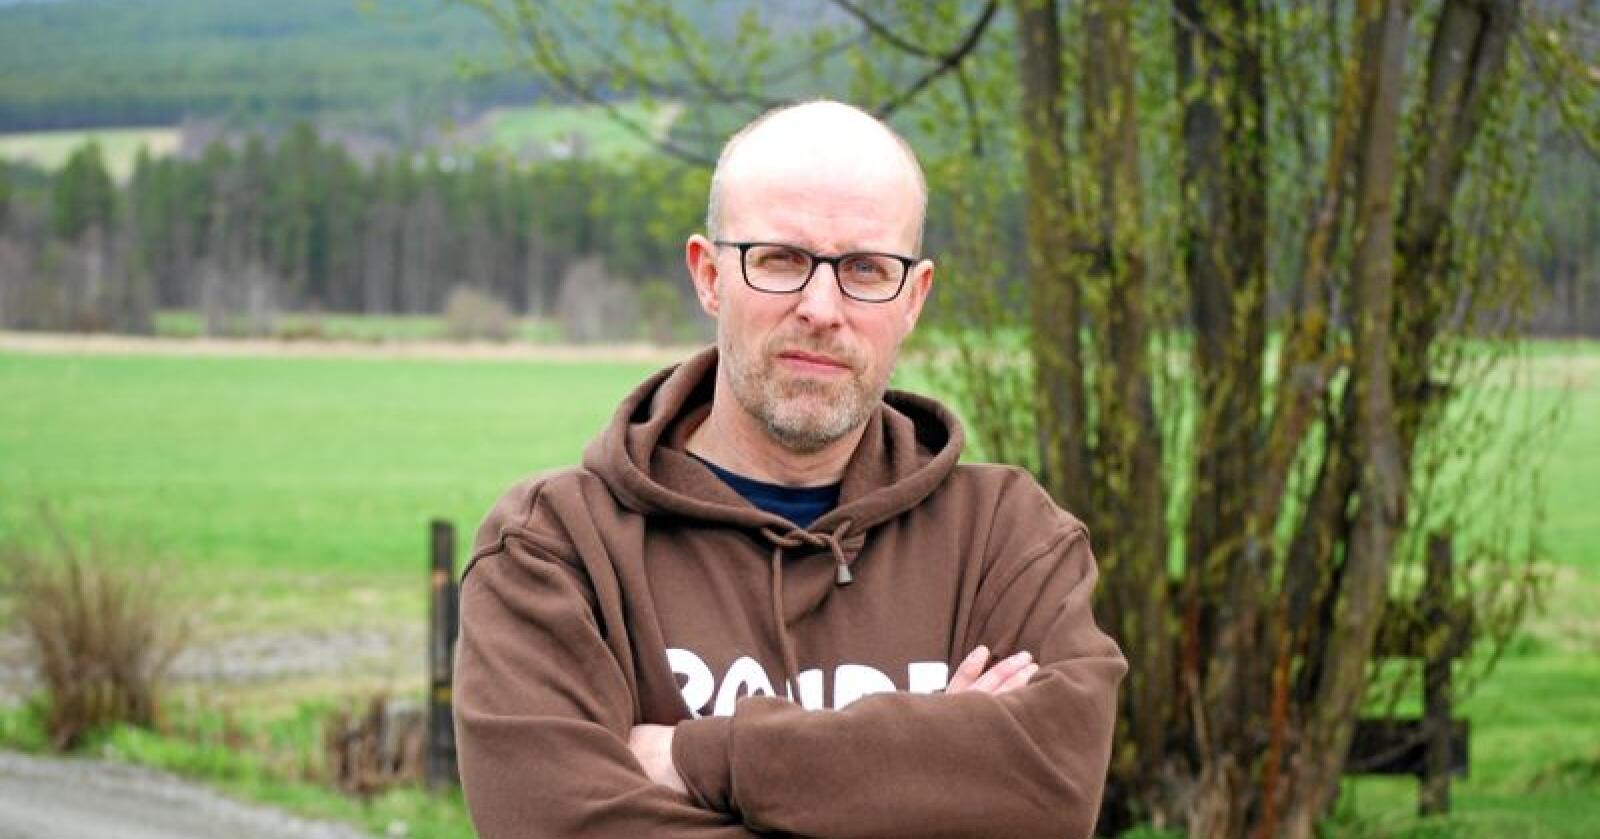 Rovviltansvarlig i Norges Bondelag, Erling Aas-Eng, mener tingrettsdommen vil gjøre det vanskeligere å regulere rovdyrbestanden ned mot bestandsmålet. Foto: Guro Breck